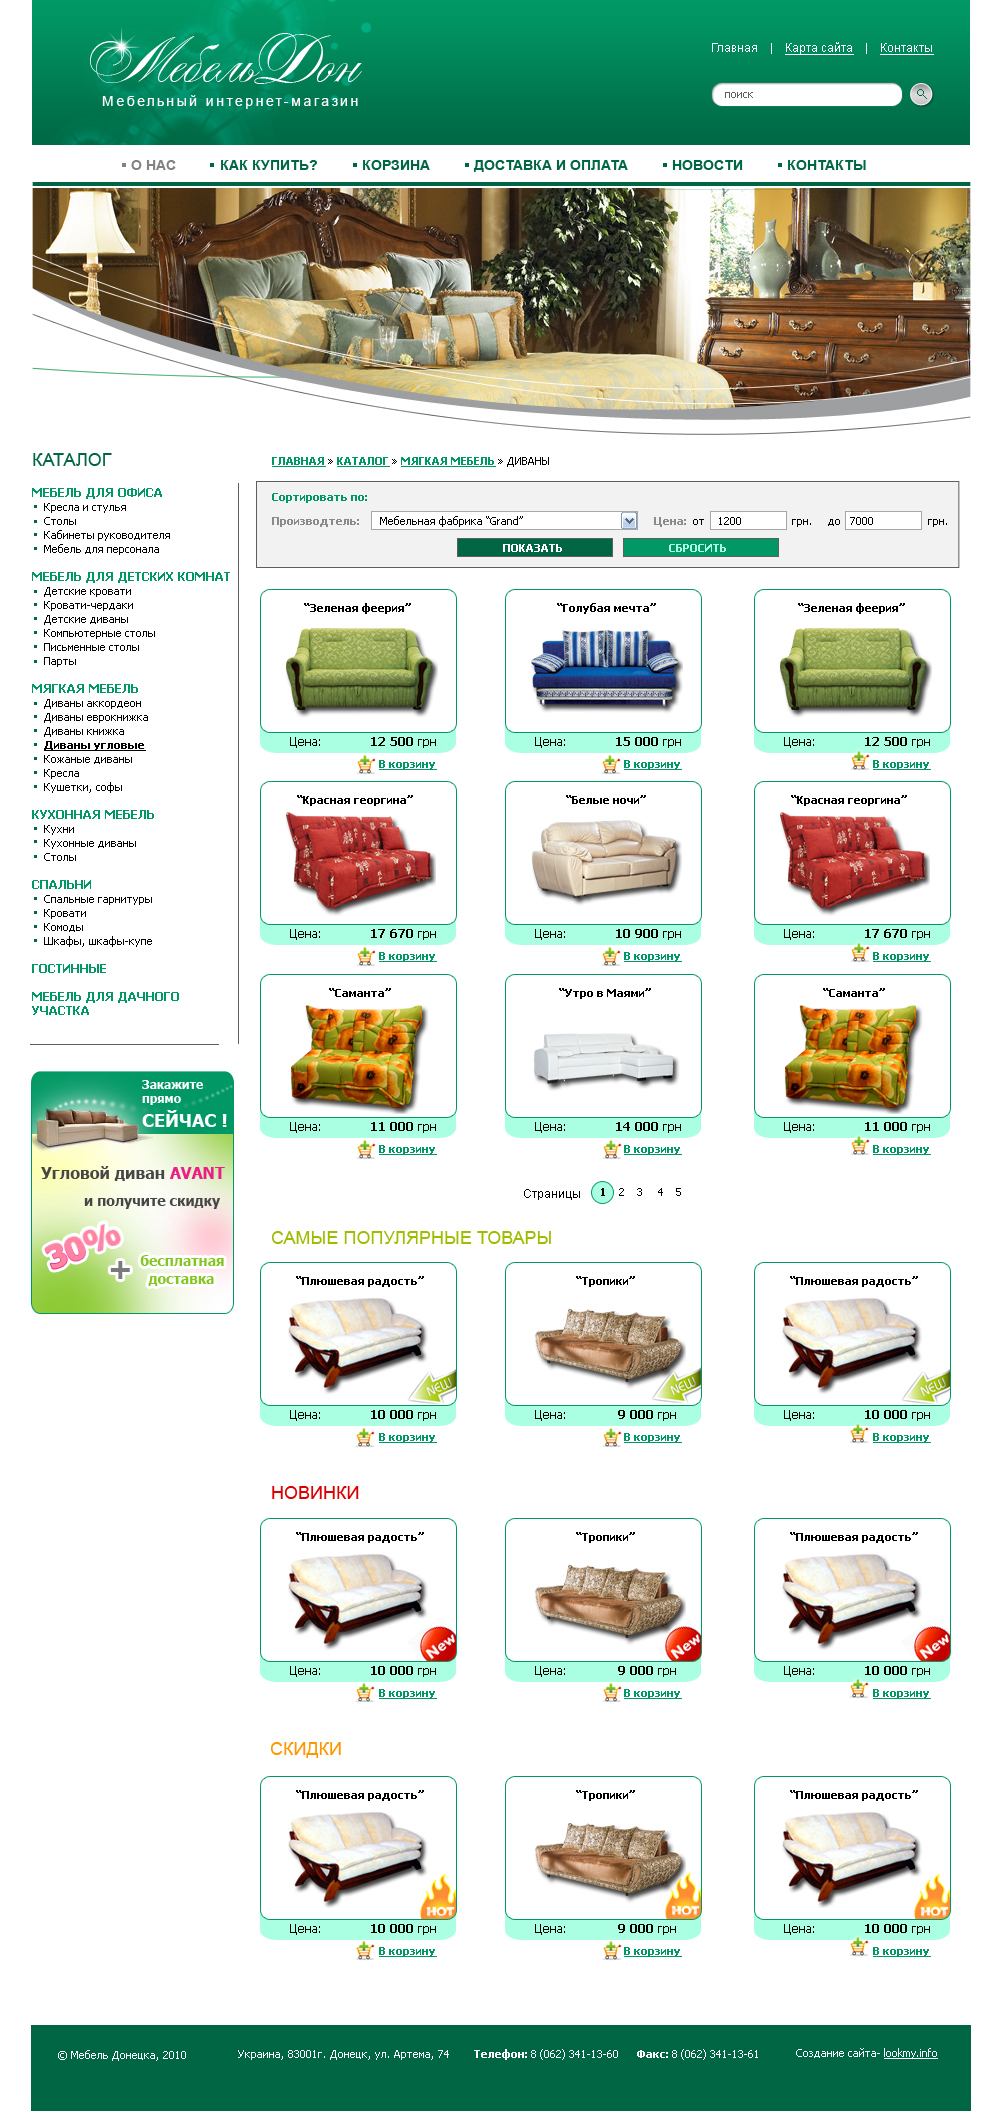 Создание и разработка сайта Донецк - Мебельный интернет-магазин МебельДон